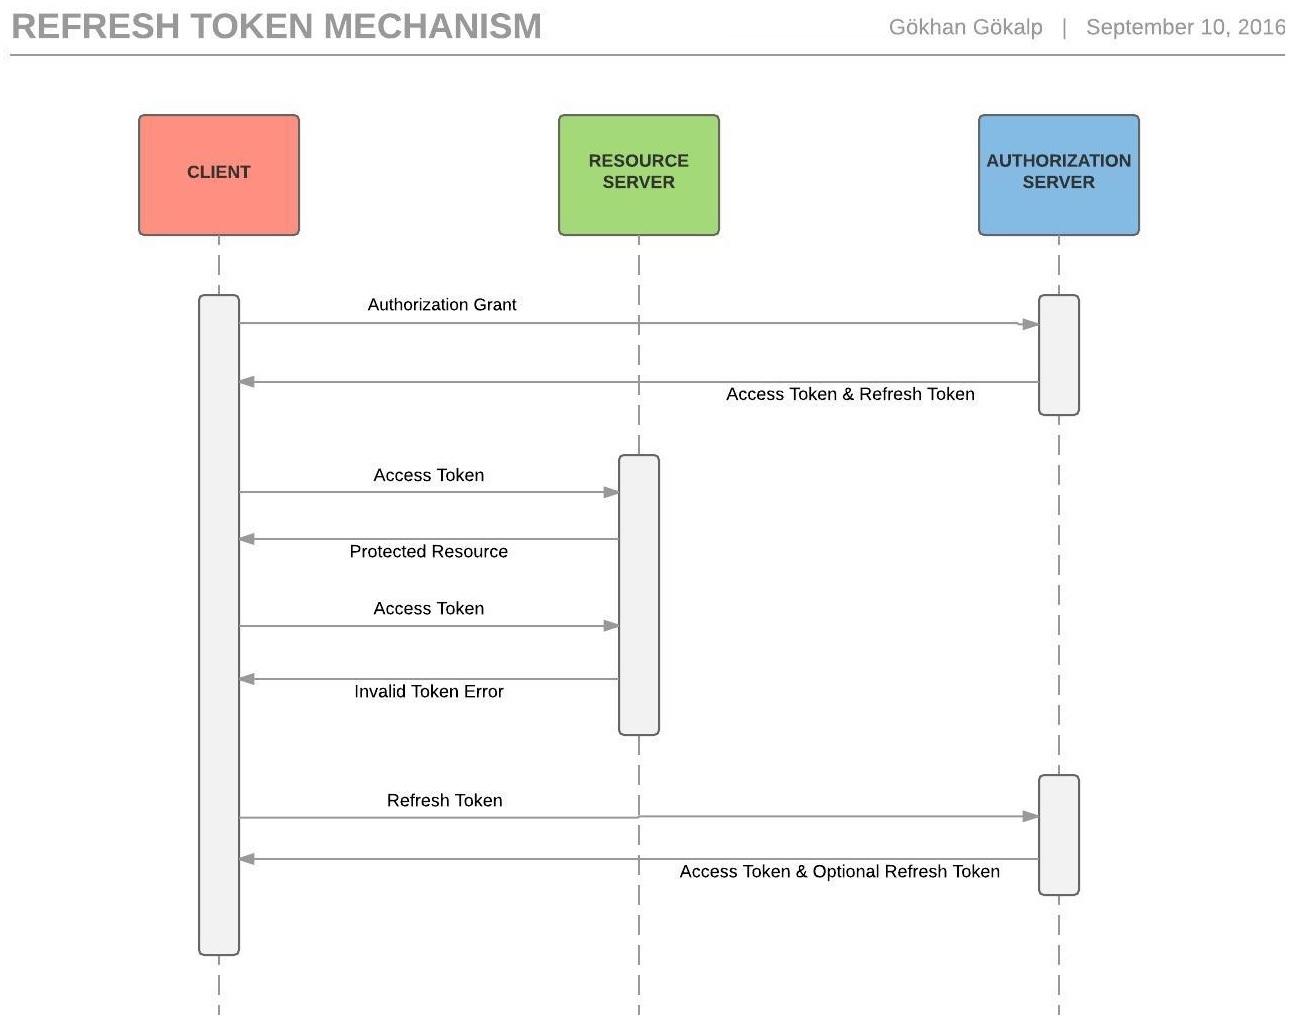 refresh-token-mechanism